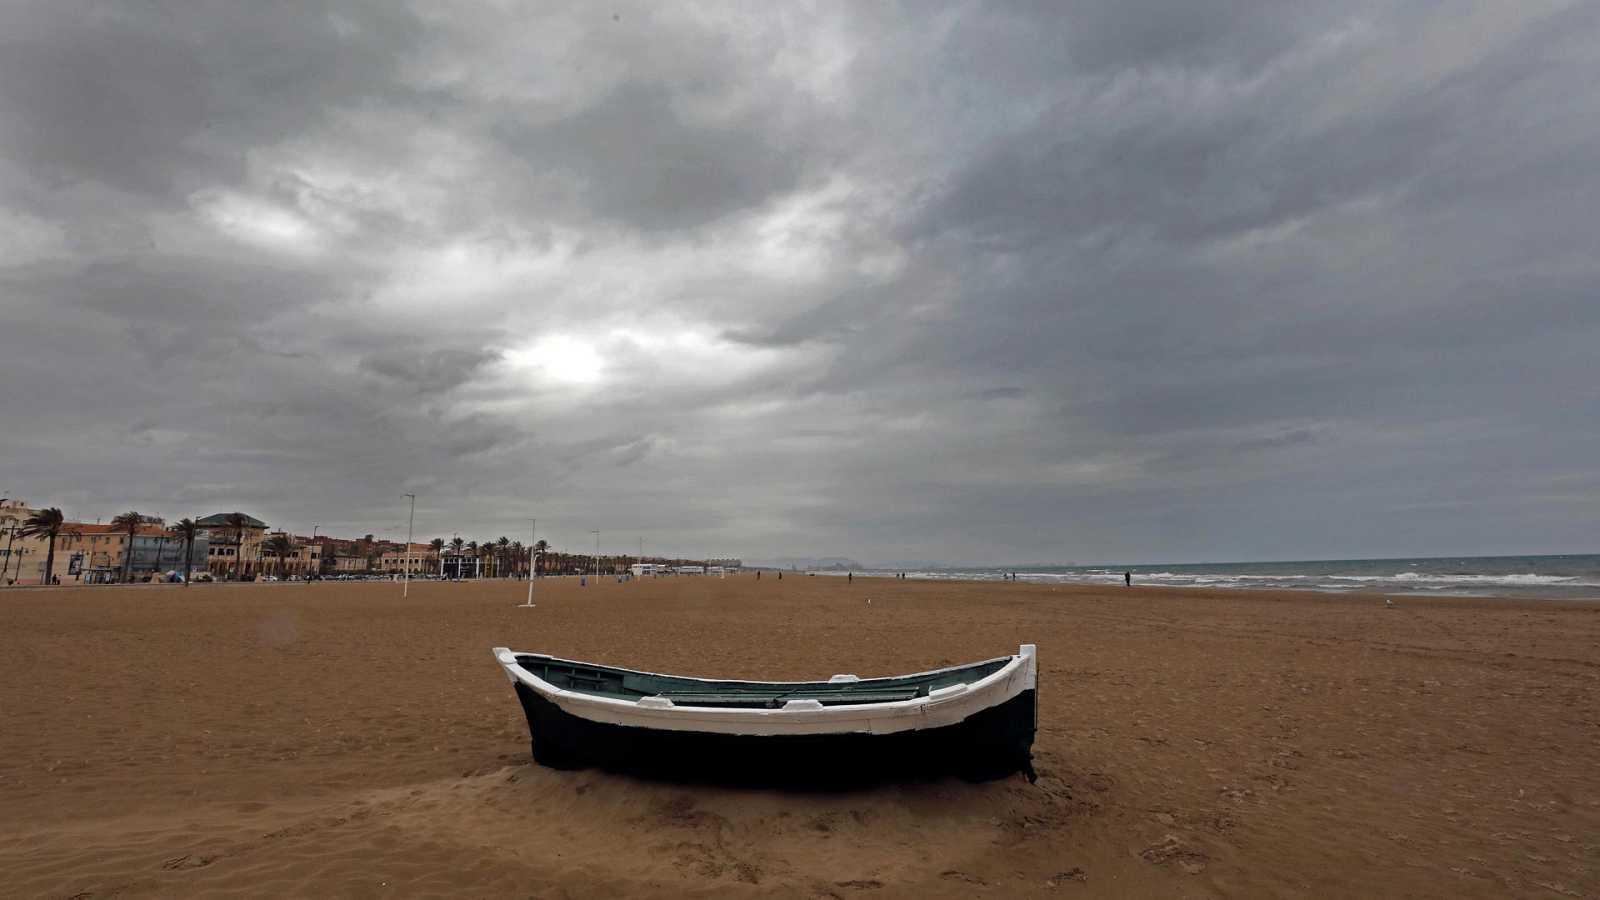 Temperaturas diurnas en aumento notable en el área cantábrica y alto Ebro - Ver ahora